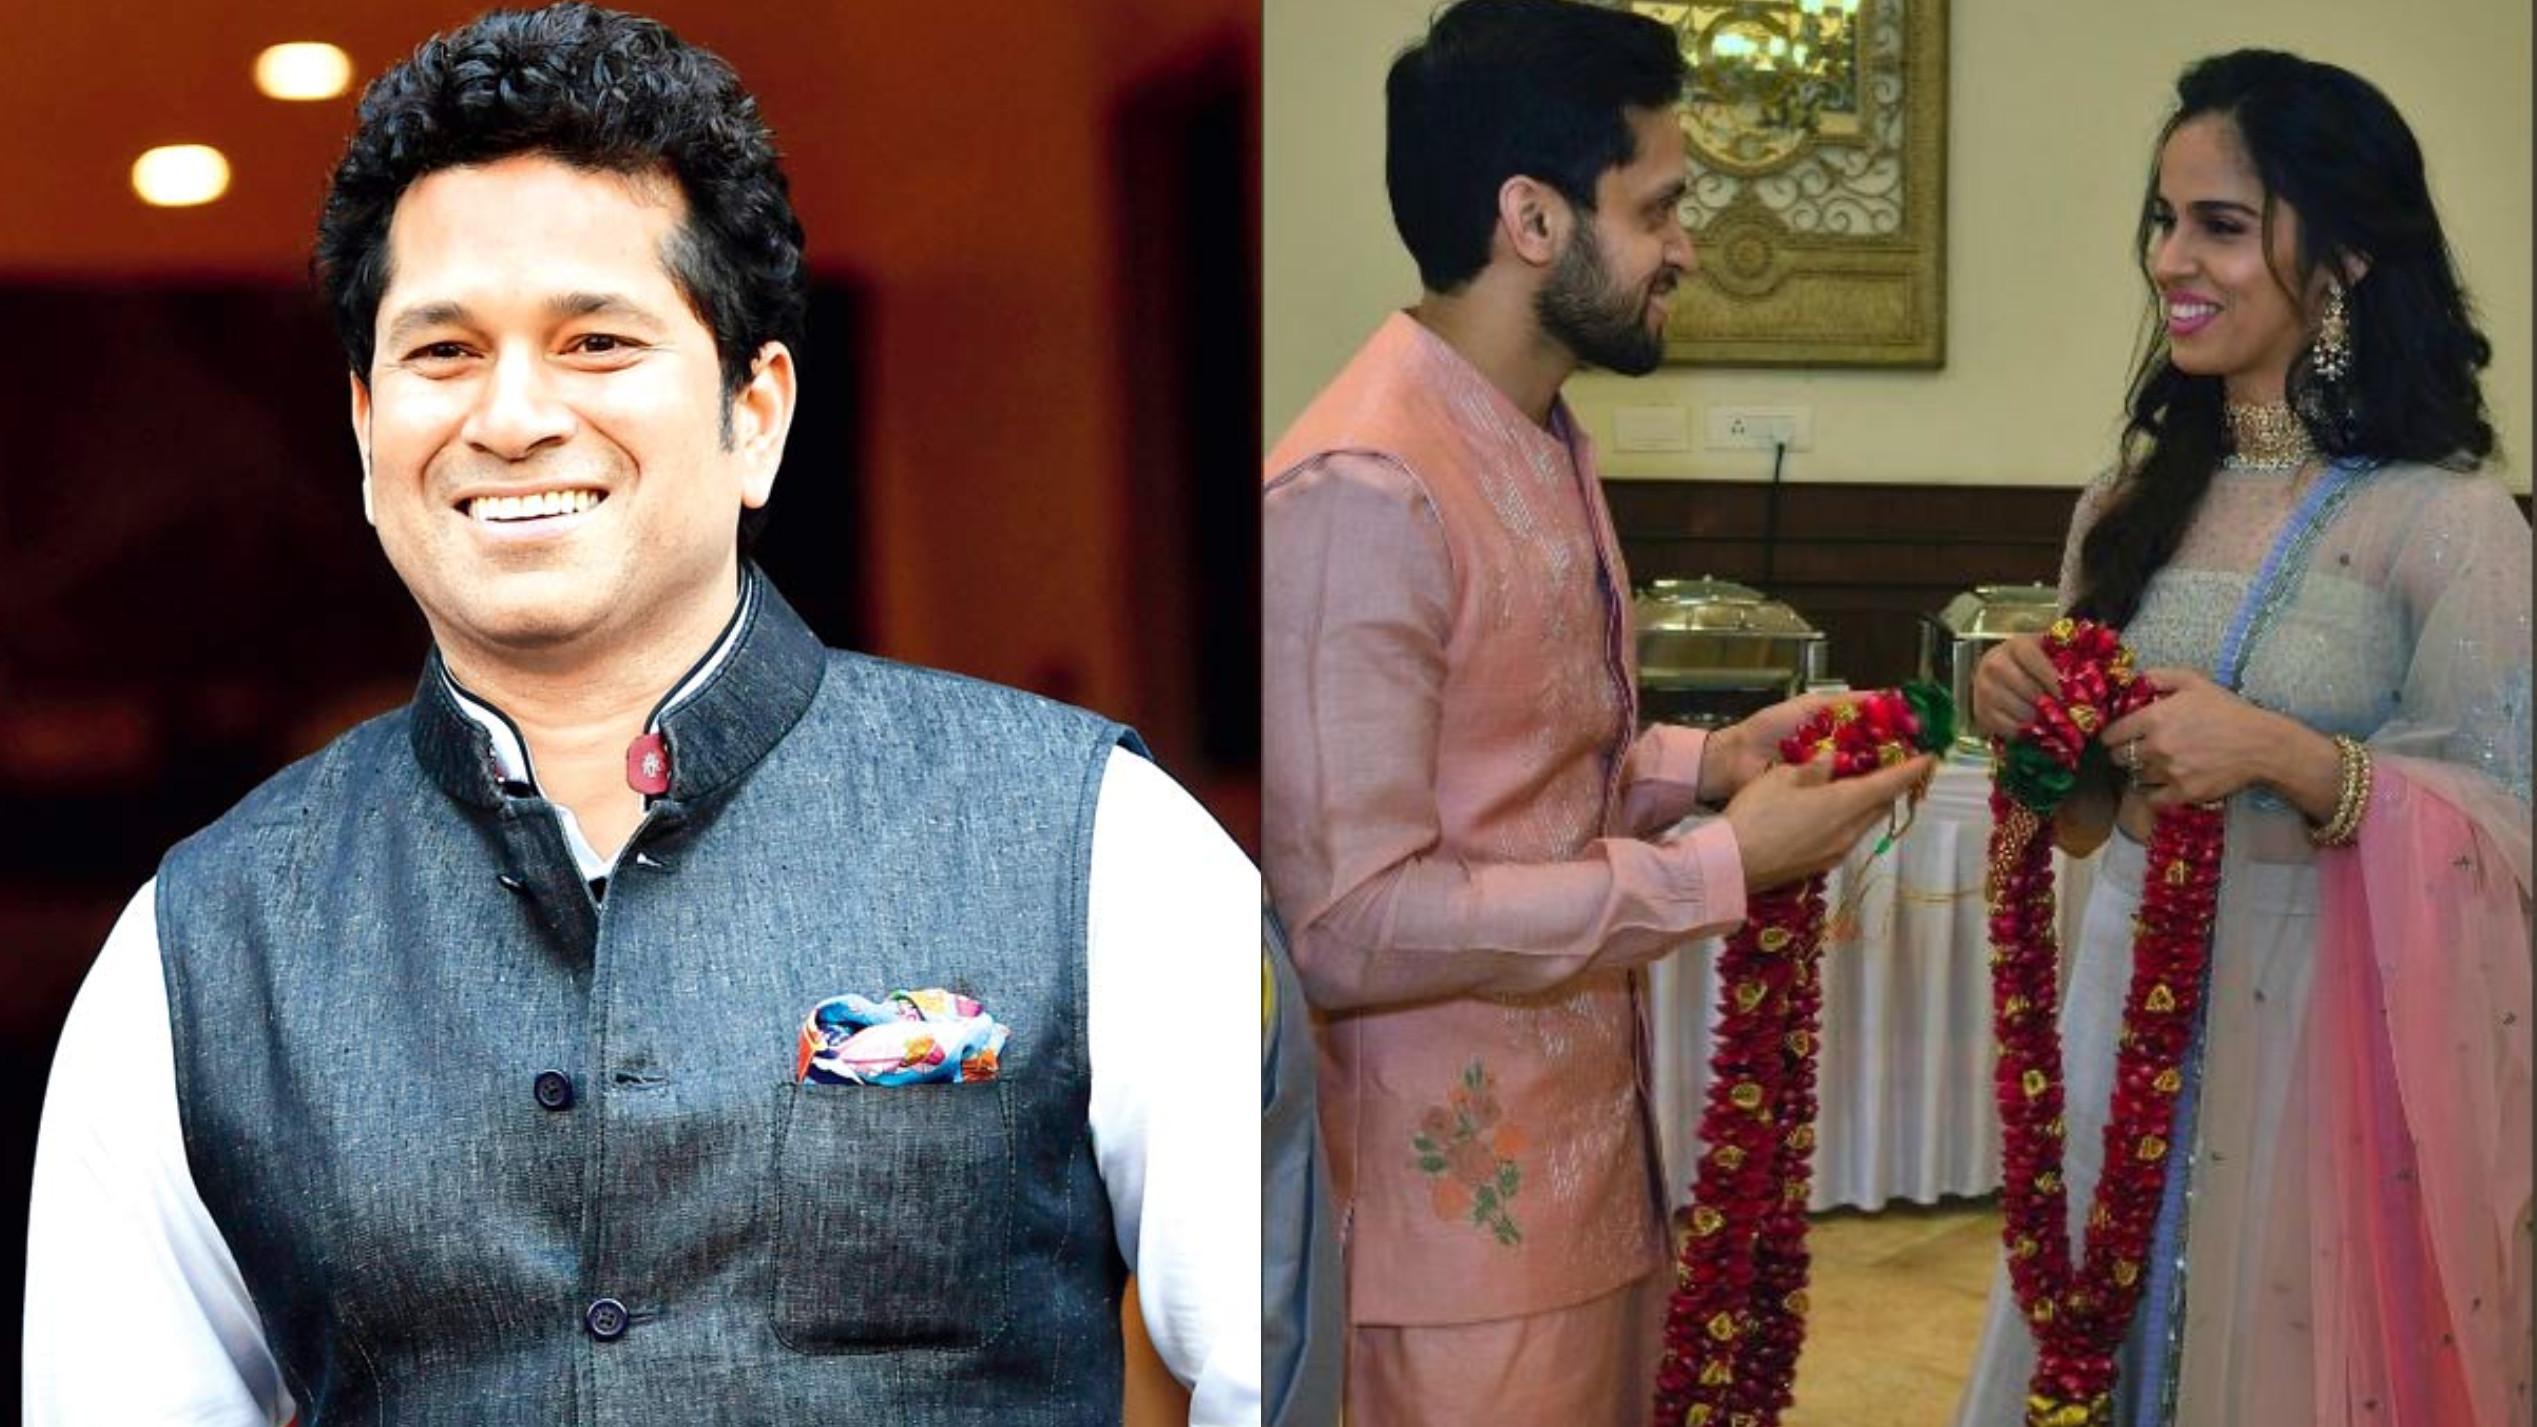 सचिन तेंदुलकर सहित इन खिलाड़ियों ने दी सायना नेहवाल और परुपल्ली कश्यप को शादी की शुभकामनाये